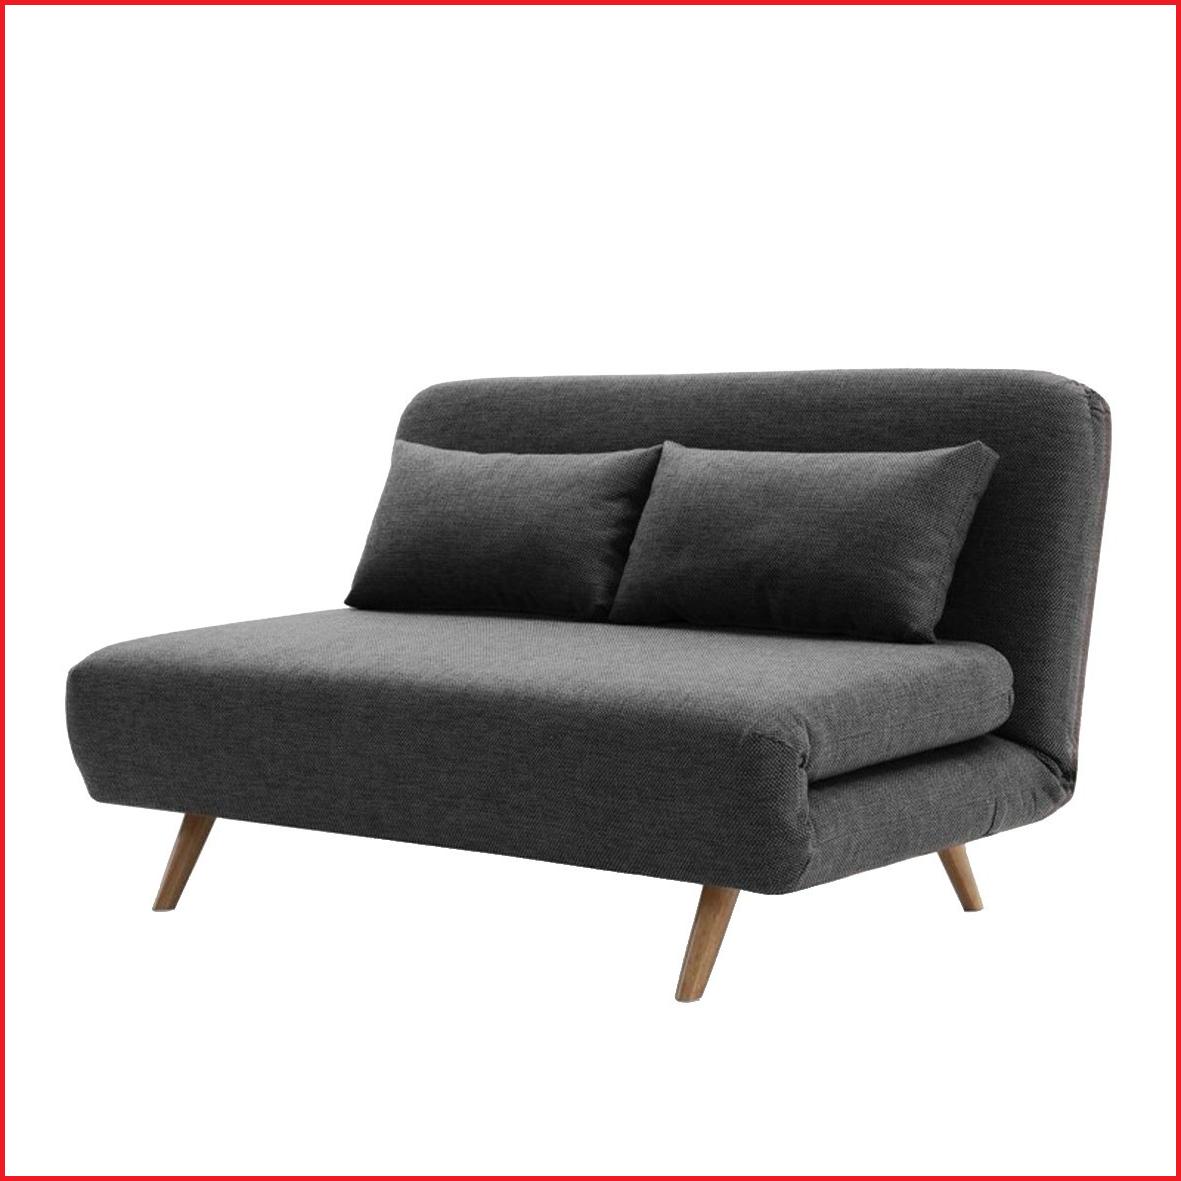 Sofas Baratos Granada 4pde sofas Cama 2 Plazas Baratos sofa sofa Cama Amazing Design